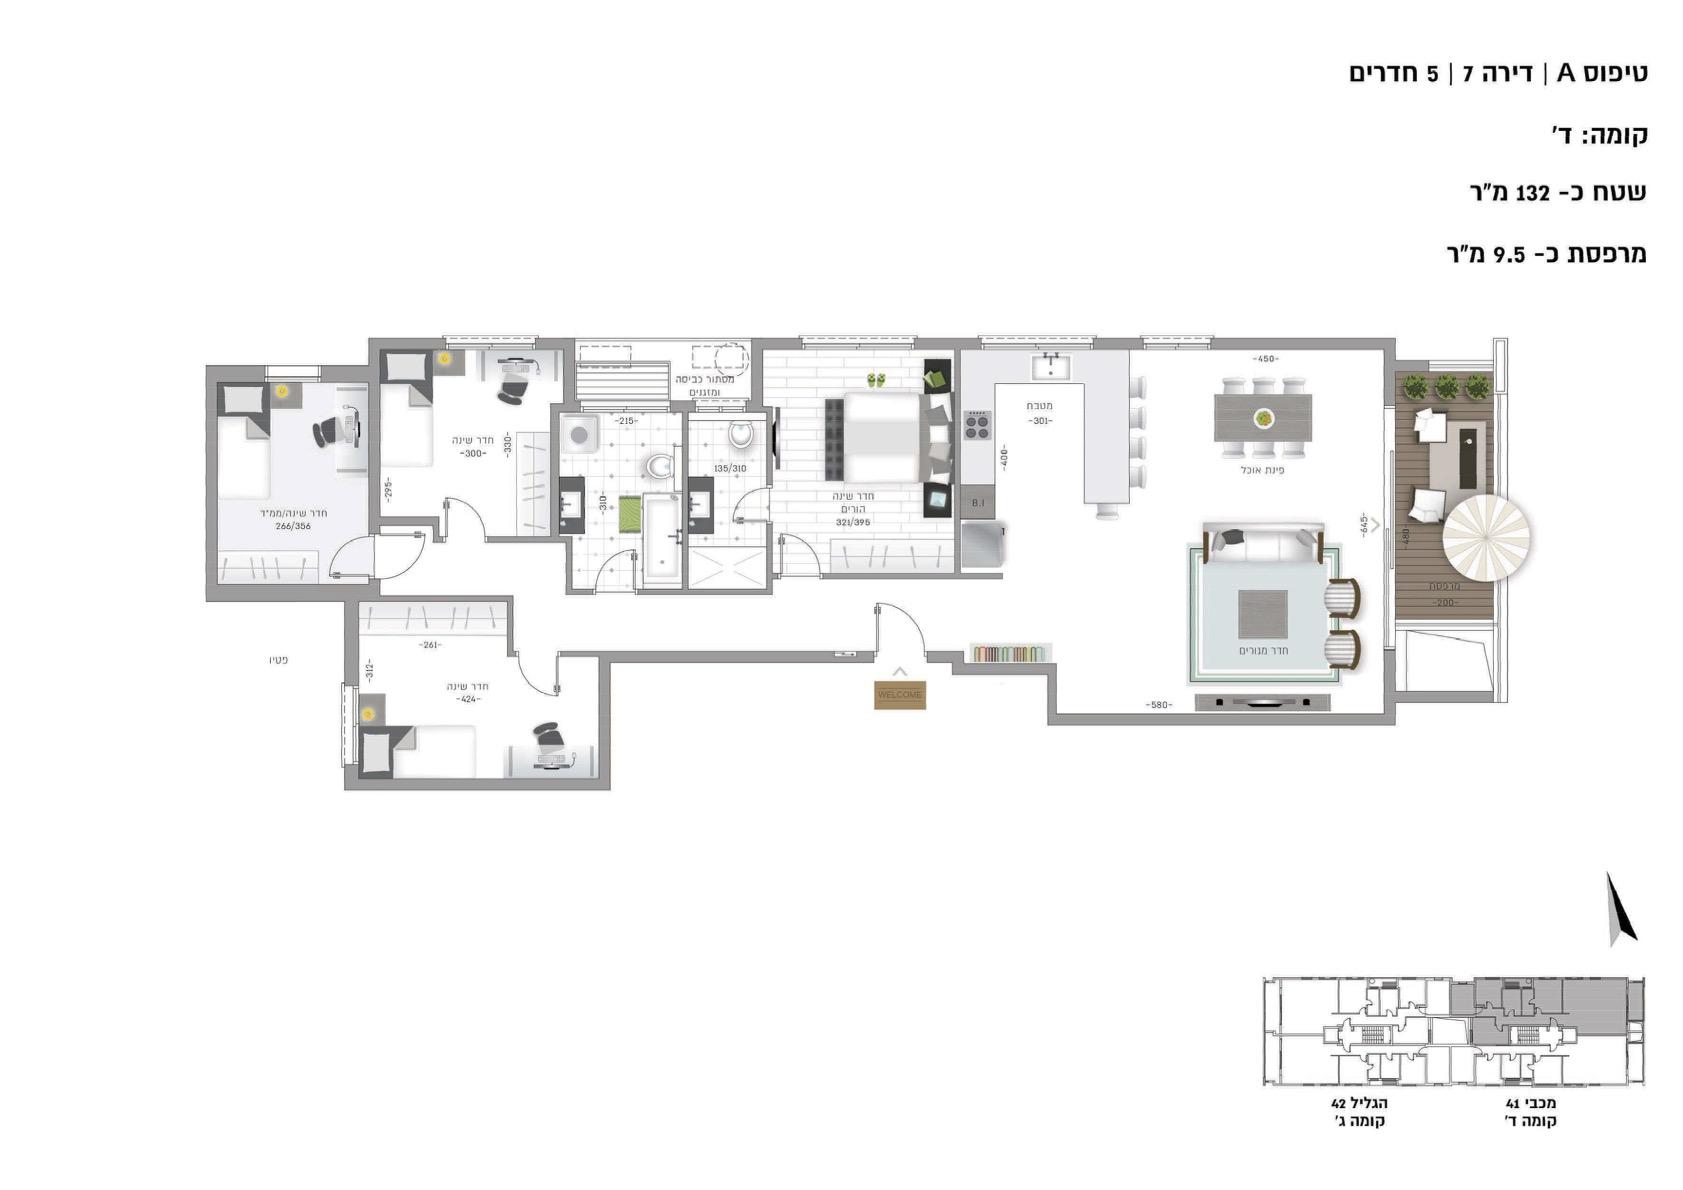 5 pièces de 132 m2 avec une terrasse de 9 m2